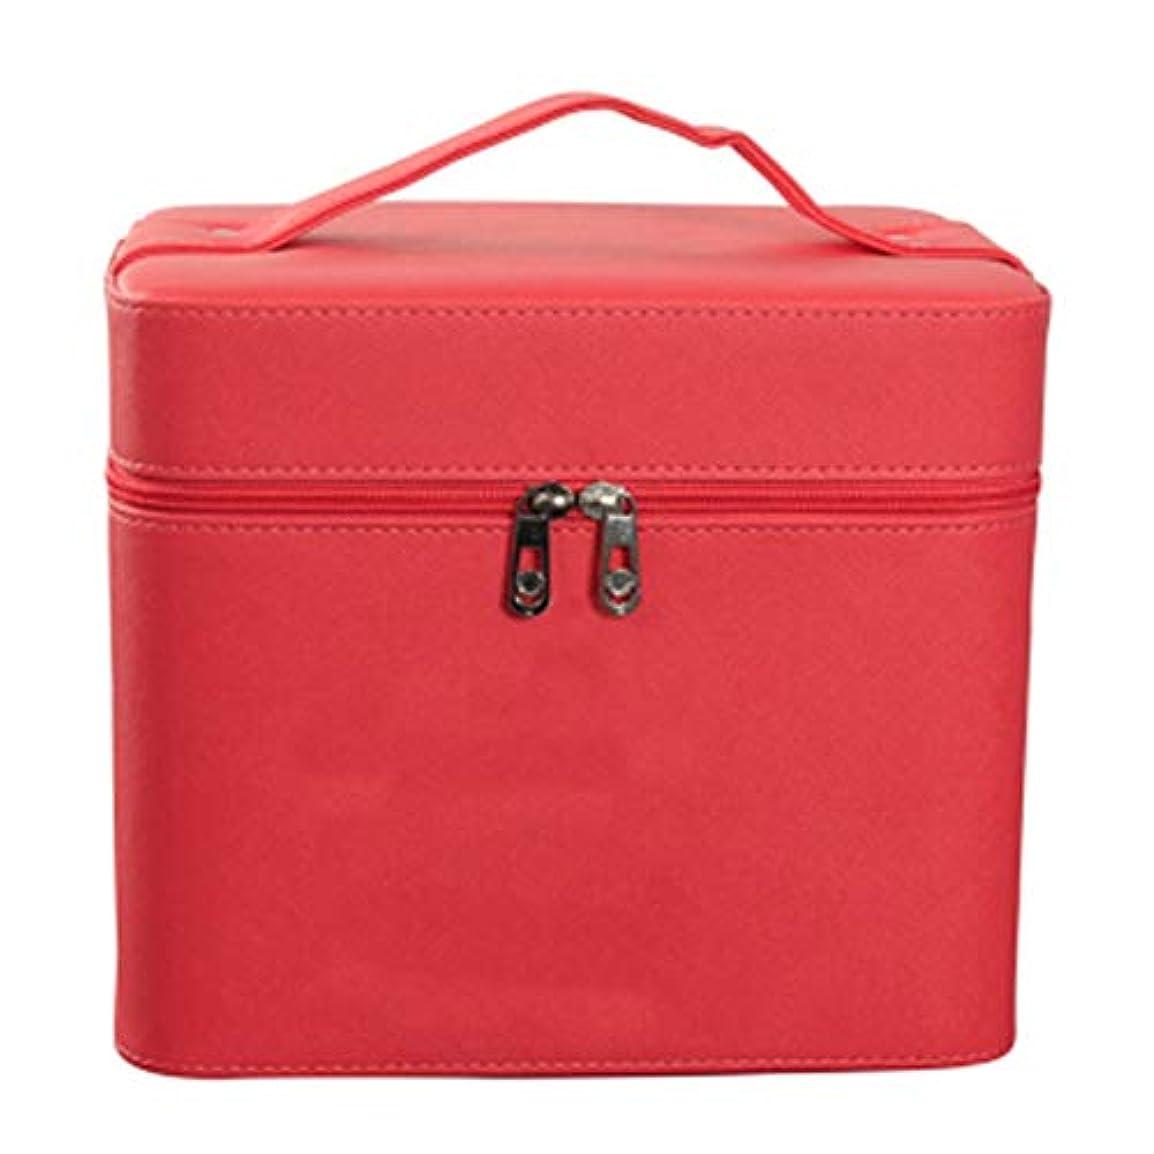 多数の層モザイク化粧オーガナイザーバッグ ジッパーと化粧鏡で小さなものの種類の旅行のための美容メイクアップのための赤いポータブル化粧品バッグ 化粧品ケース